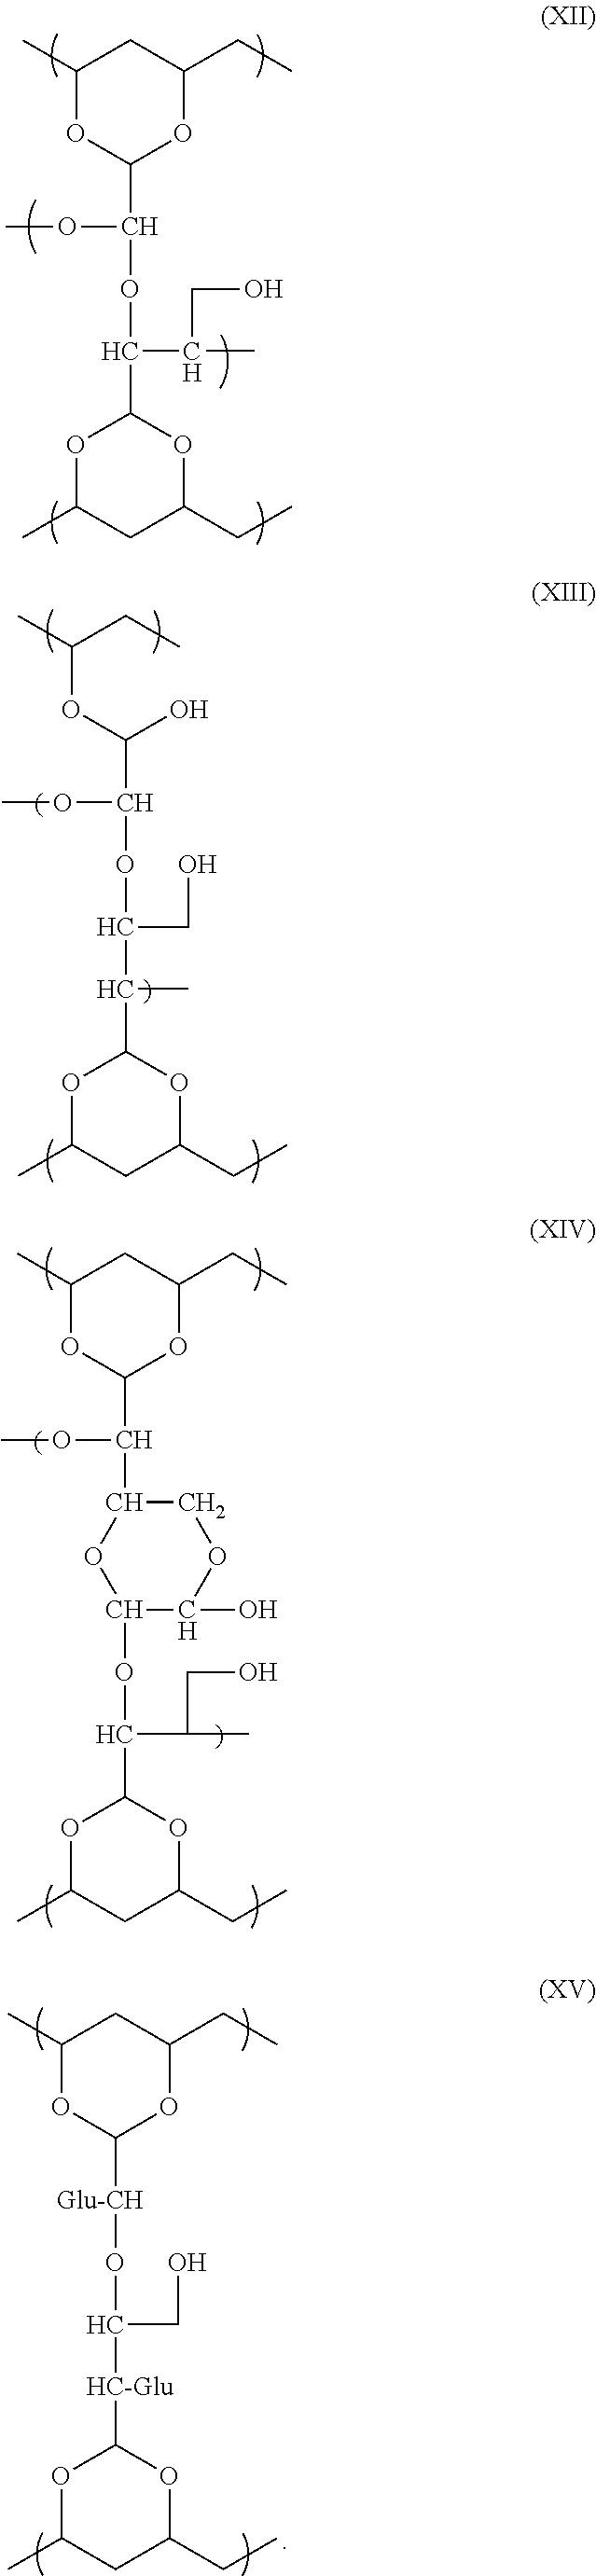 Figure US09884505-20180206-C00020